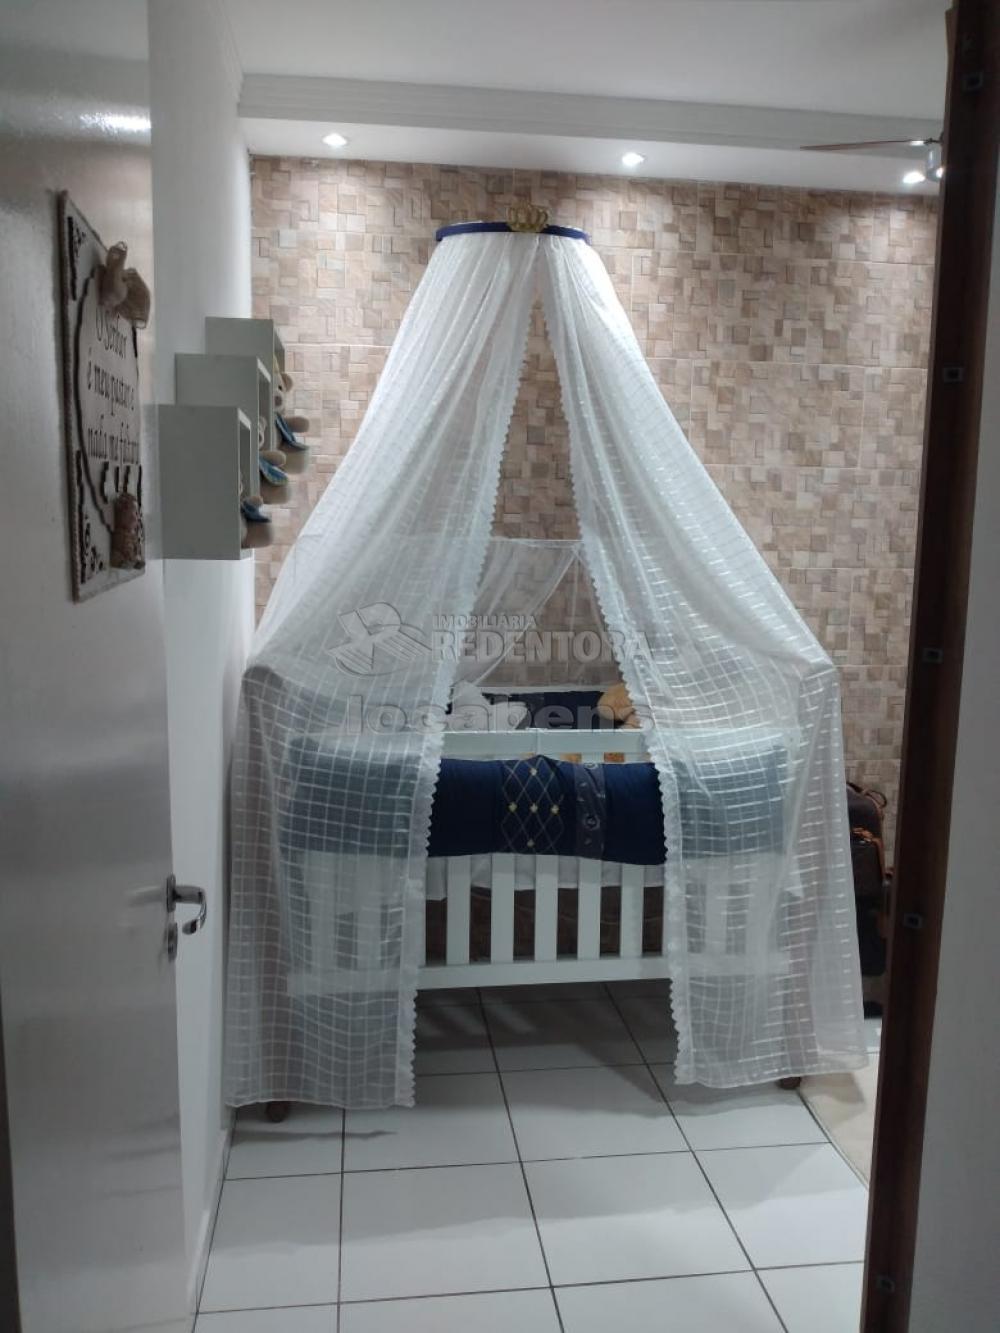 Comprar Apartamento / Padrão em São José do Rio Preto apenas R$ 157.000,00 - Foto 15